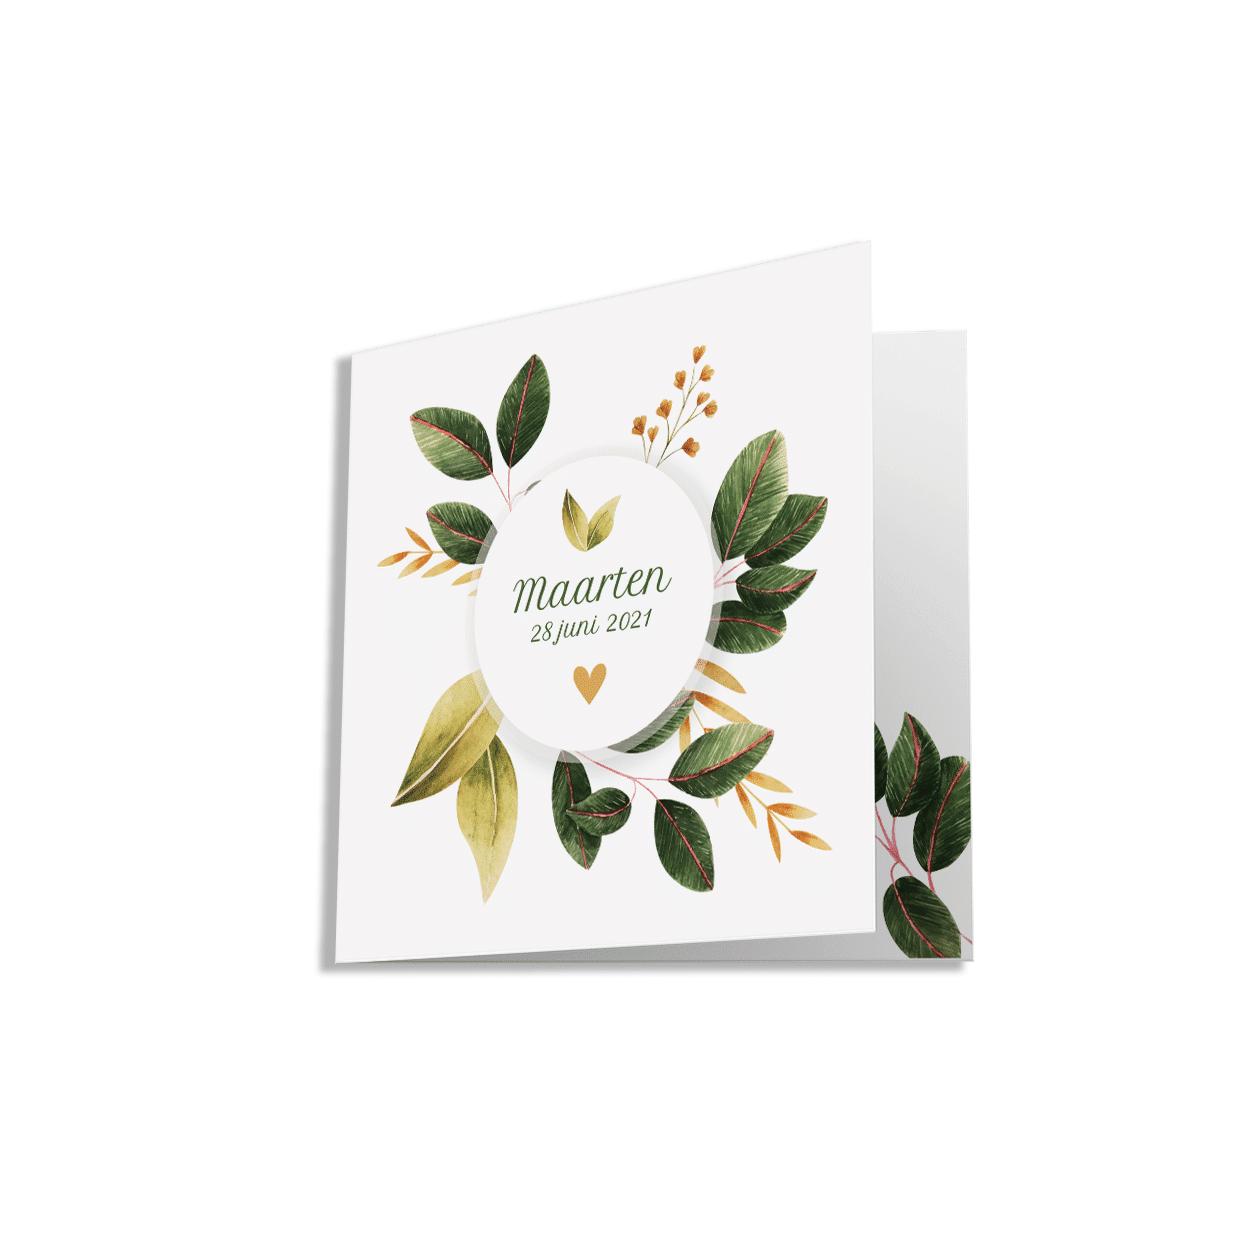 Geboortekaartje met prachtig botanisch ontwerp